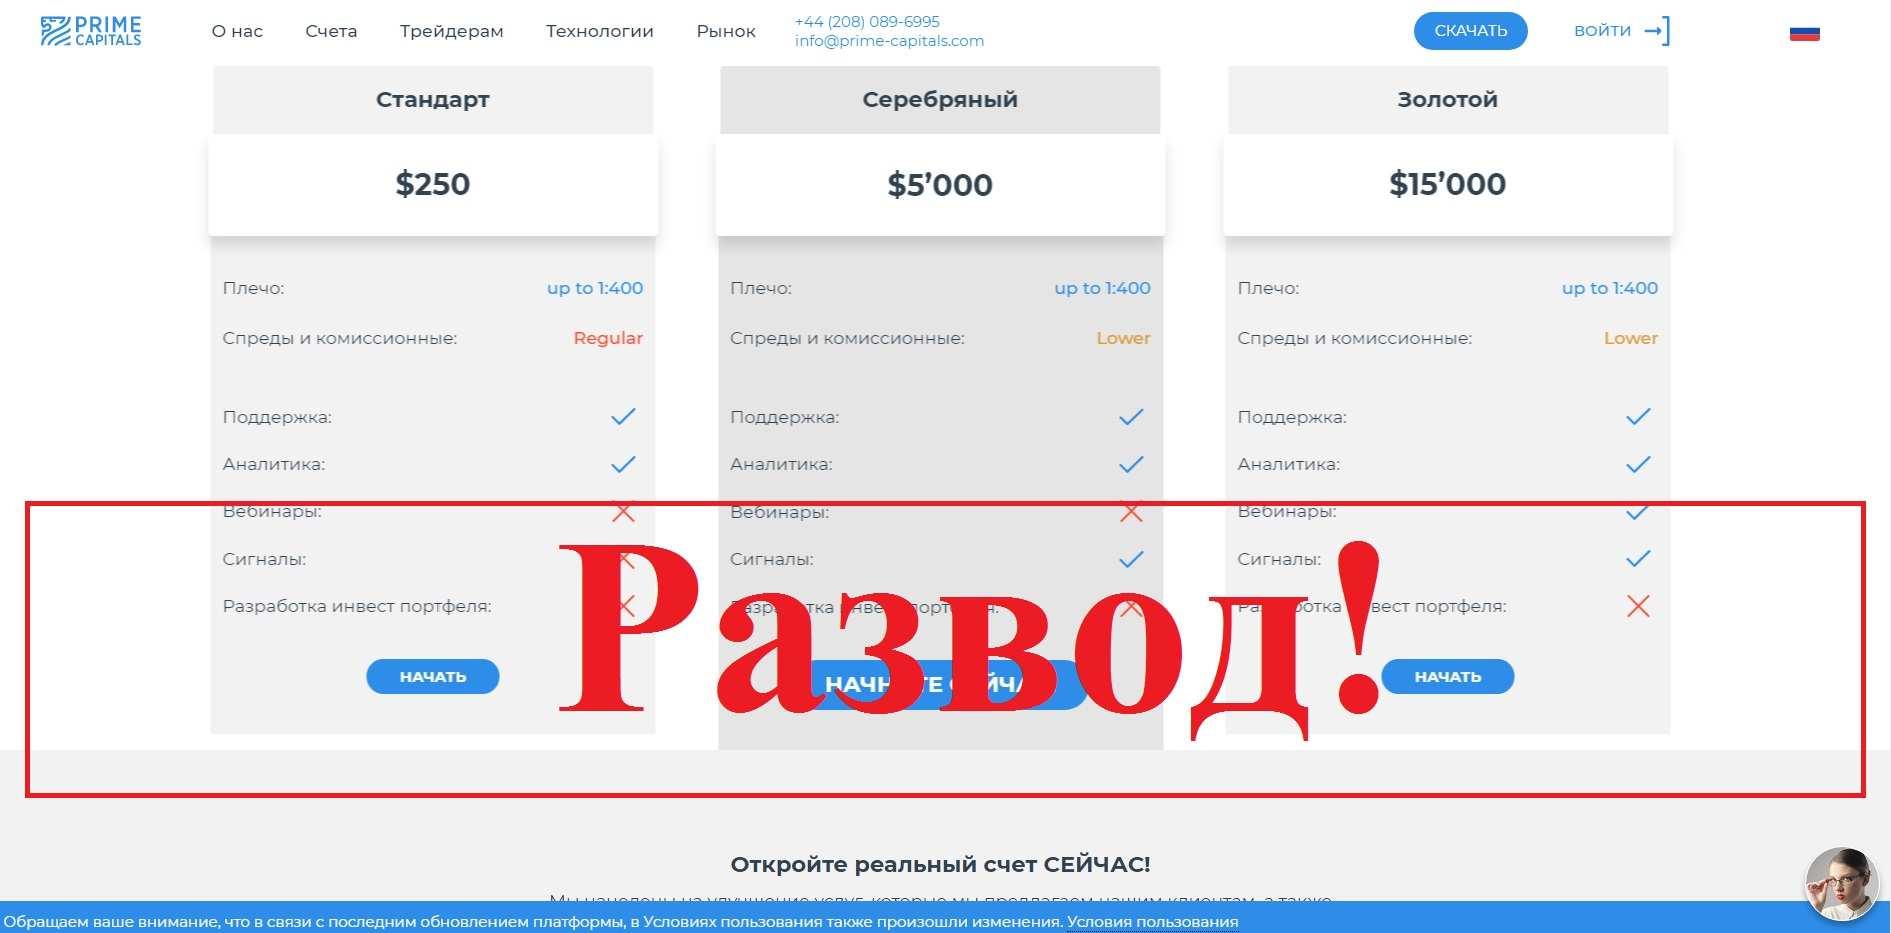 Prime Capitals – отзывы о брокере prime-capitals.com